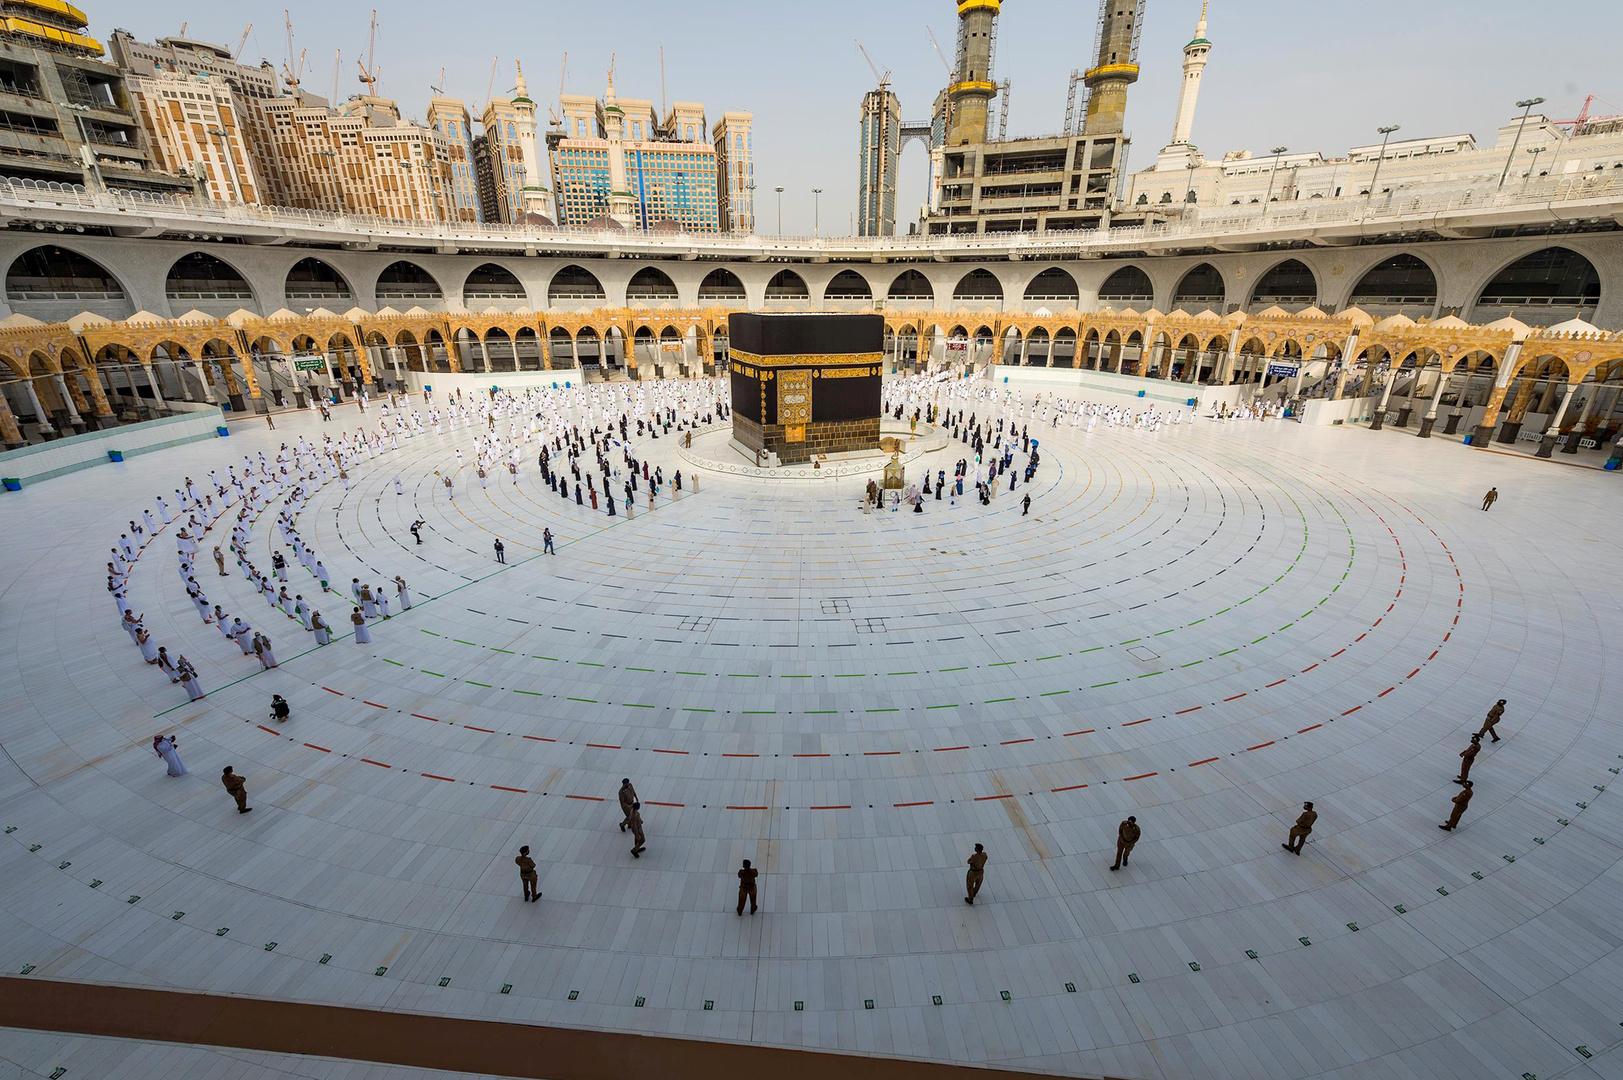 عضو في الاتحاد العربي لعلوم الفضاء والفلك يتوقع يوم عيد الأضحى المبارك